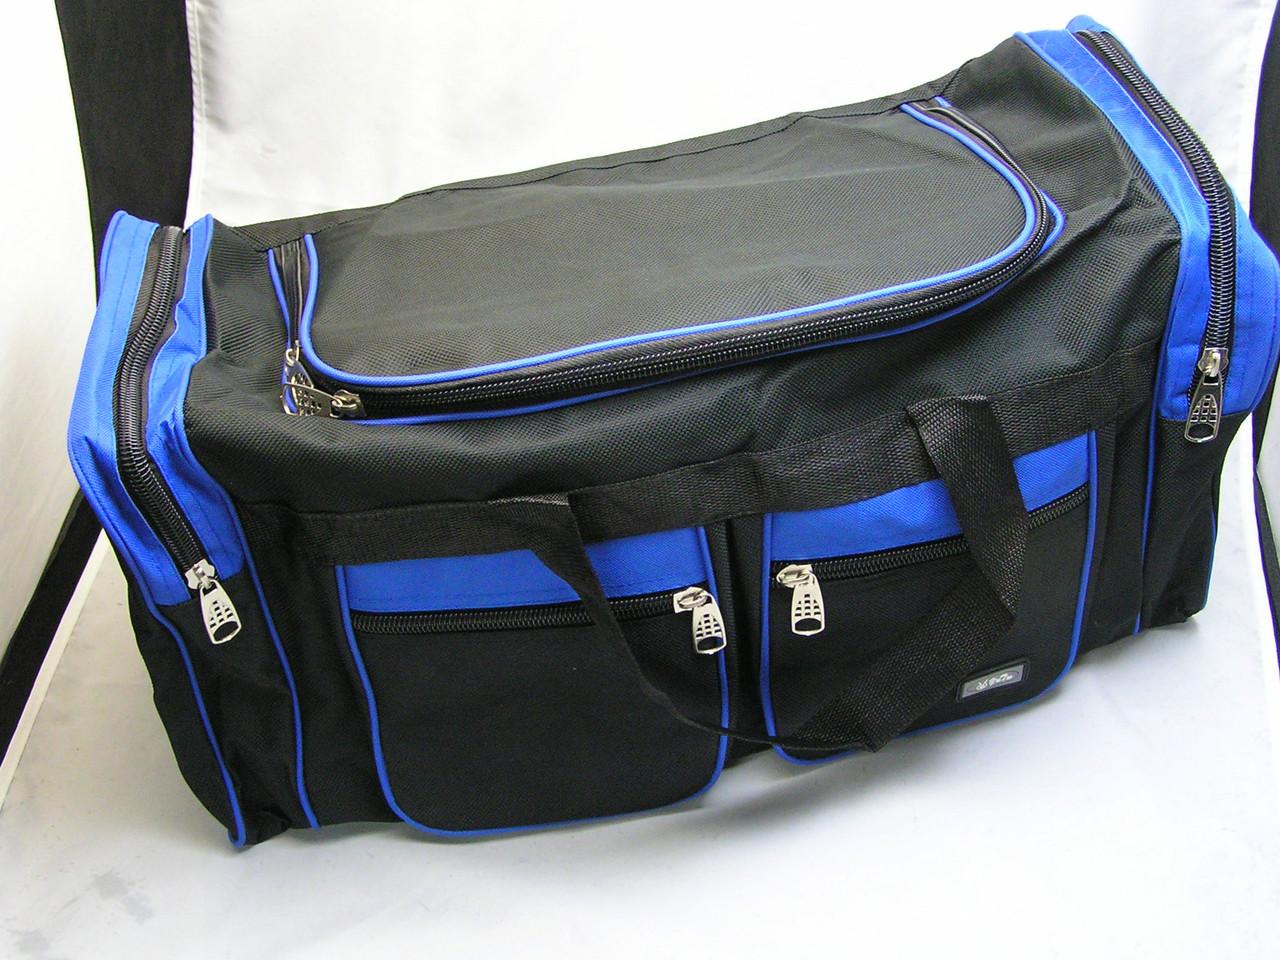 2687b84b7357 Вместительная спортивная сумка. Сумка для спортзала. Сумка для поездок. Купить  спортивную сумку.